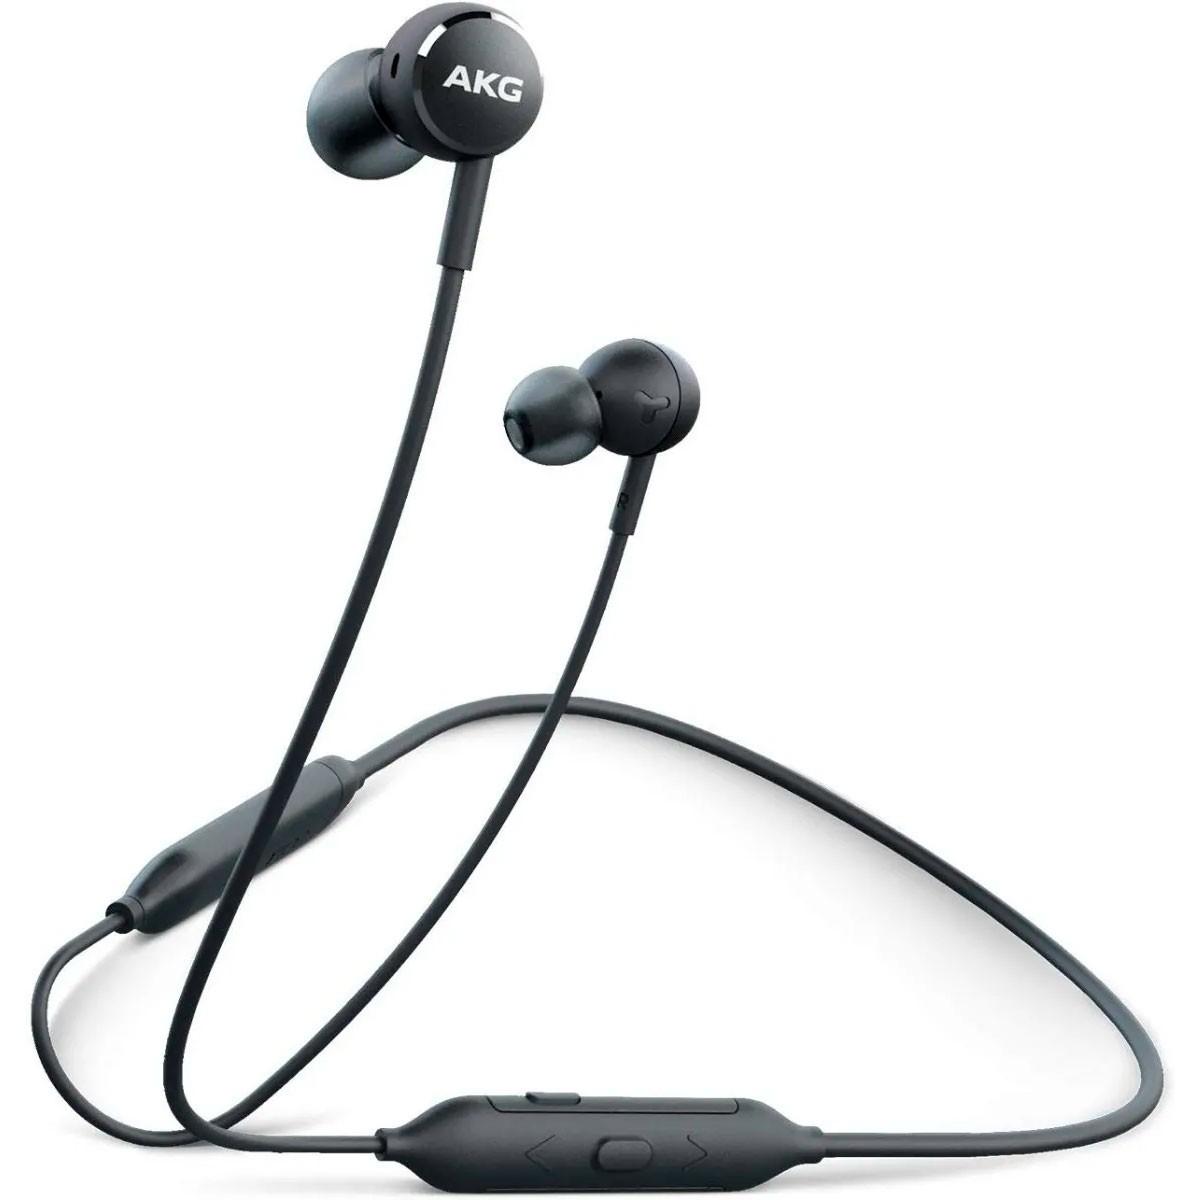 Fone Estéreo Samsung Y100 In Ear Akg Bluetooth Preto Original